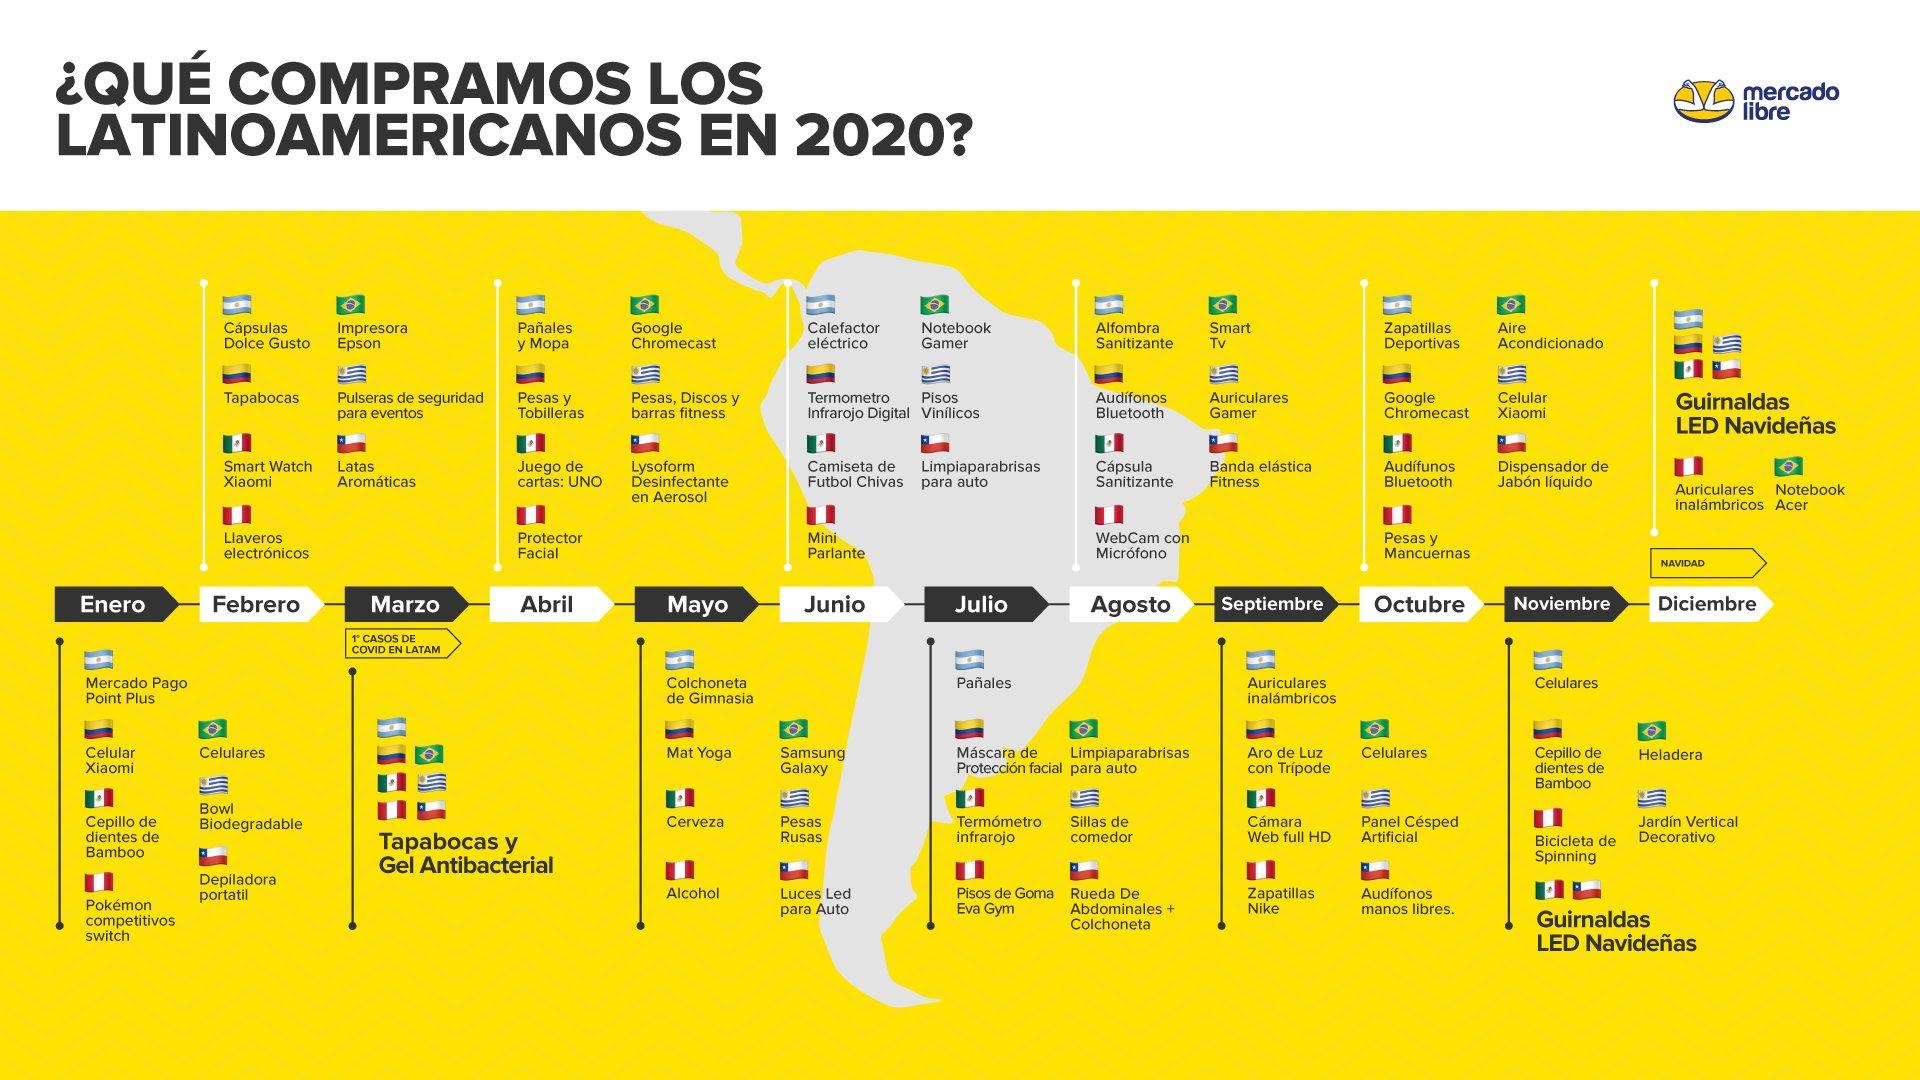 Productos adquiridos por los latinoamericanos durante la pandemia